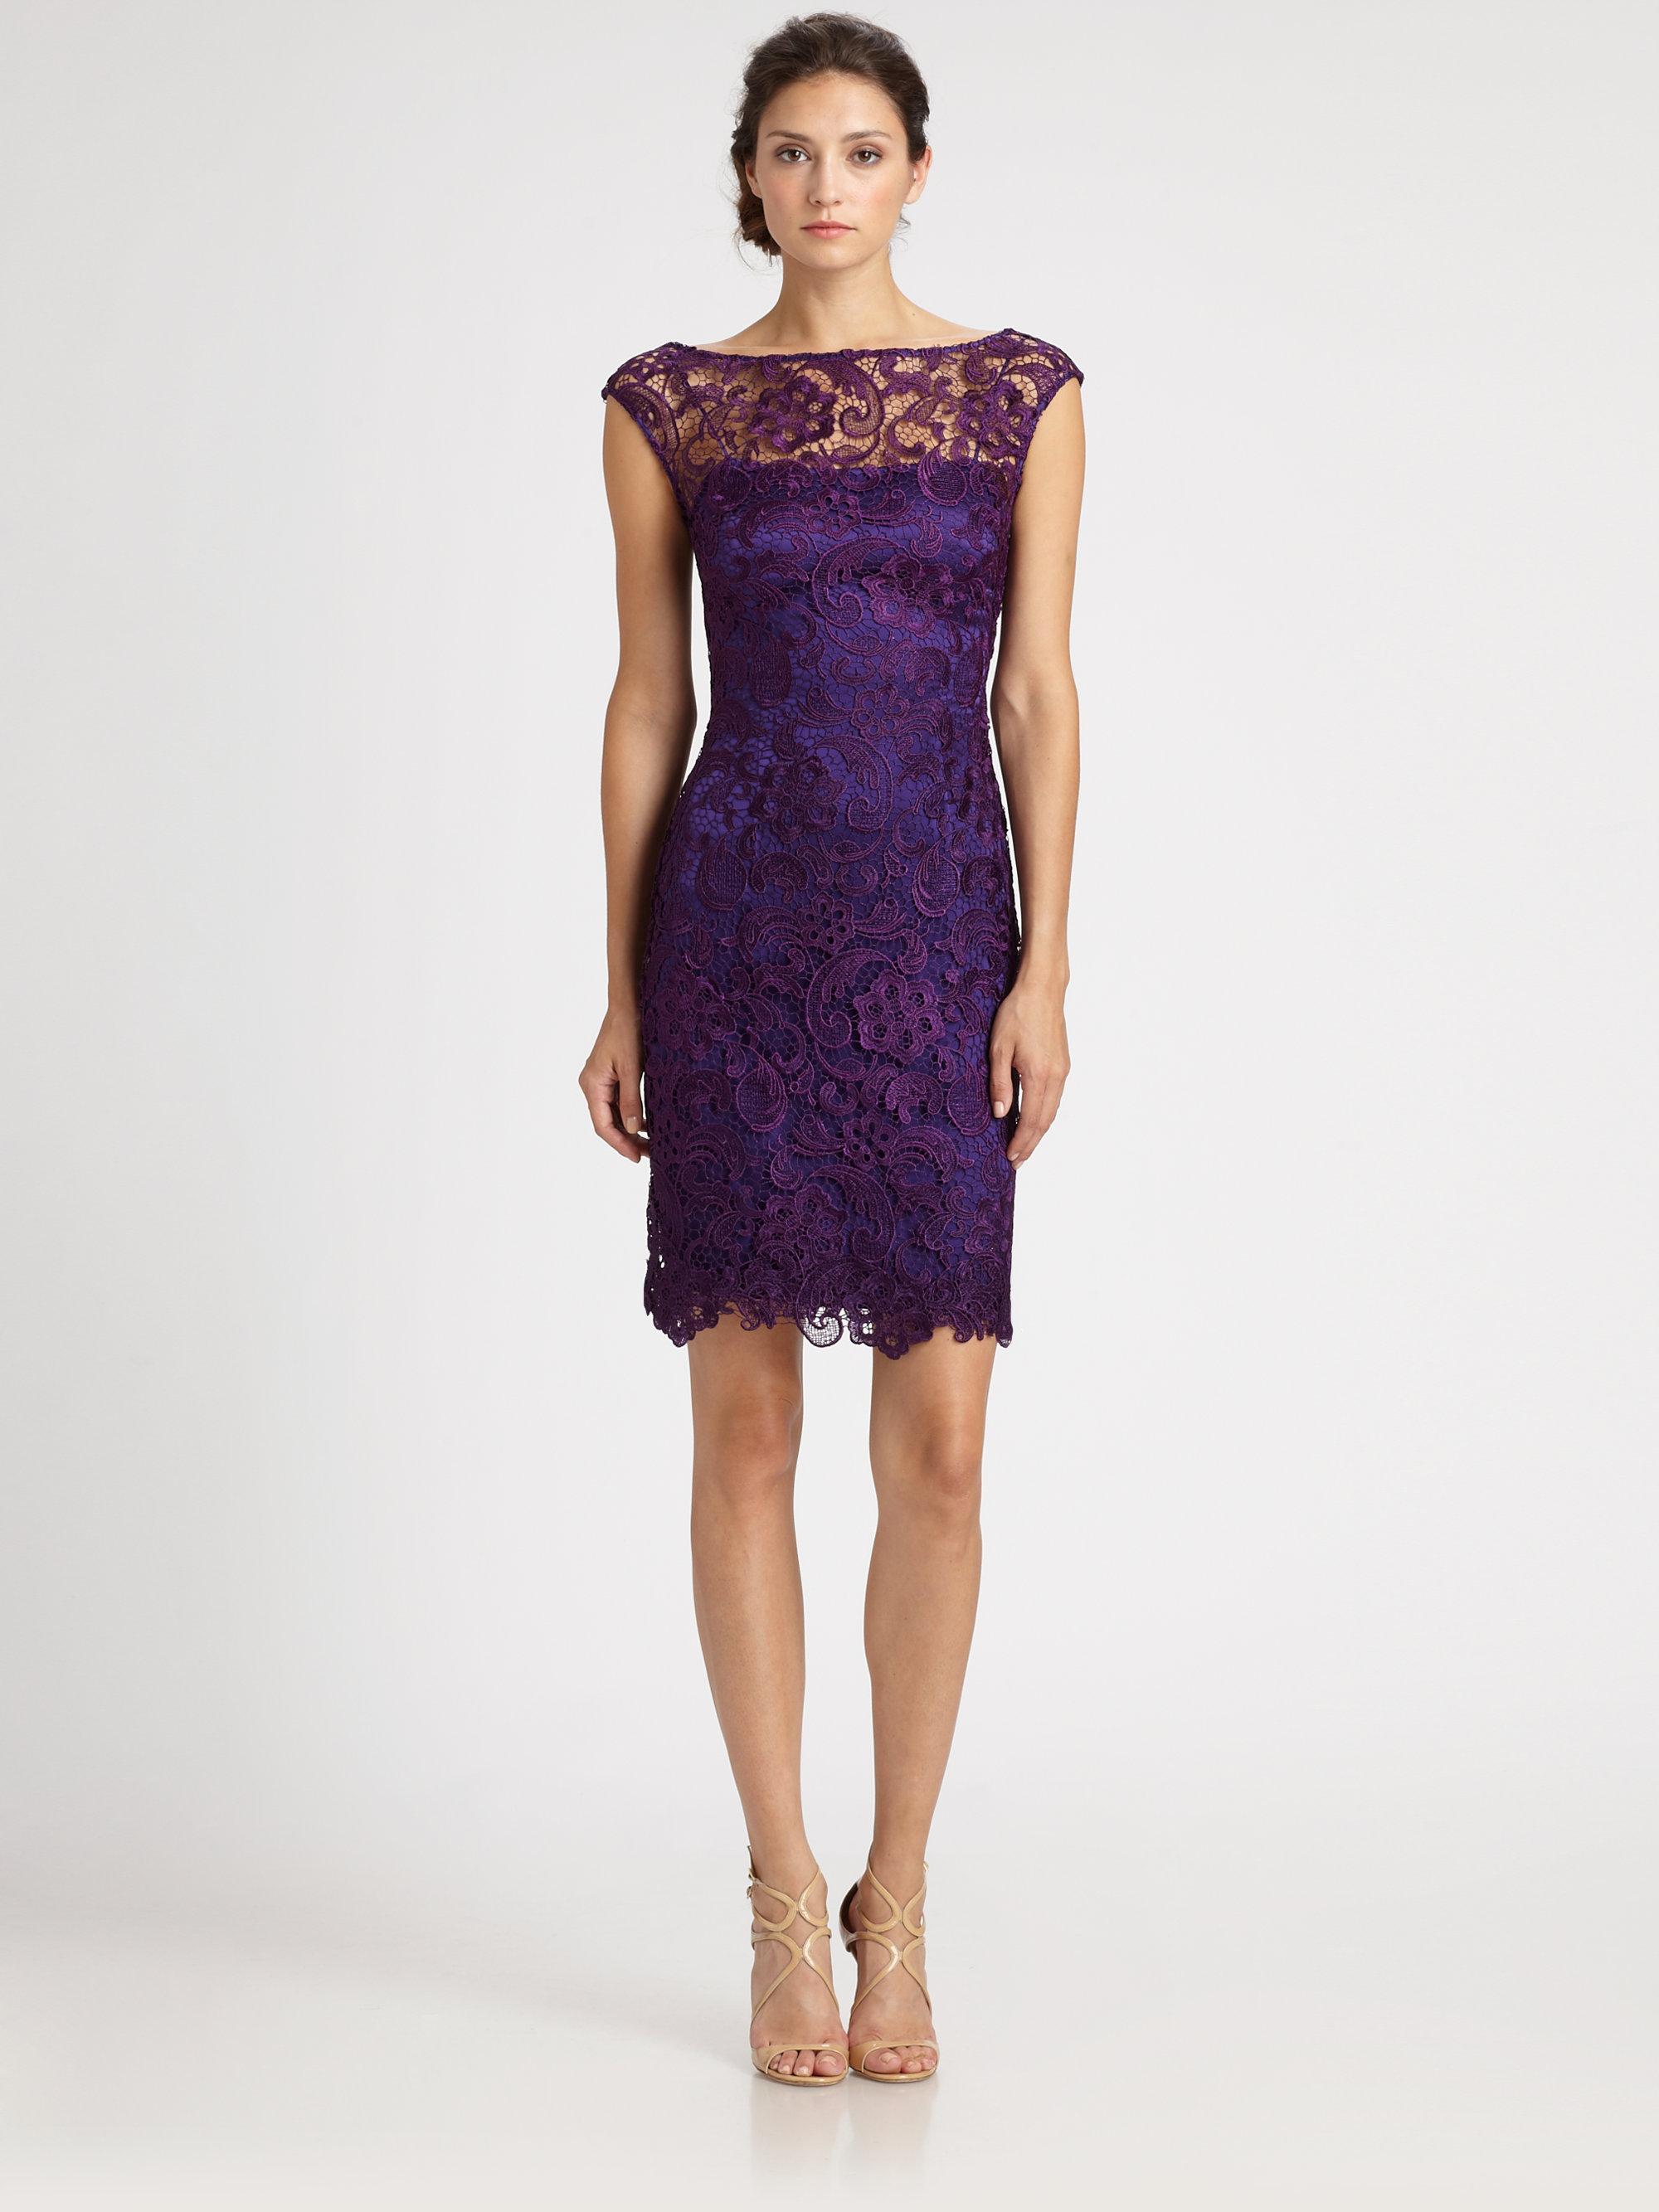 e2ad64d0b89 ML Monique Lhuillier Lace Dress in Purple - Lyst